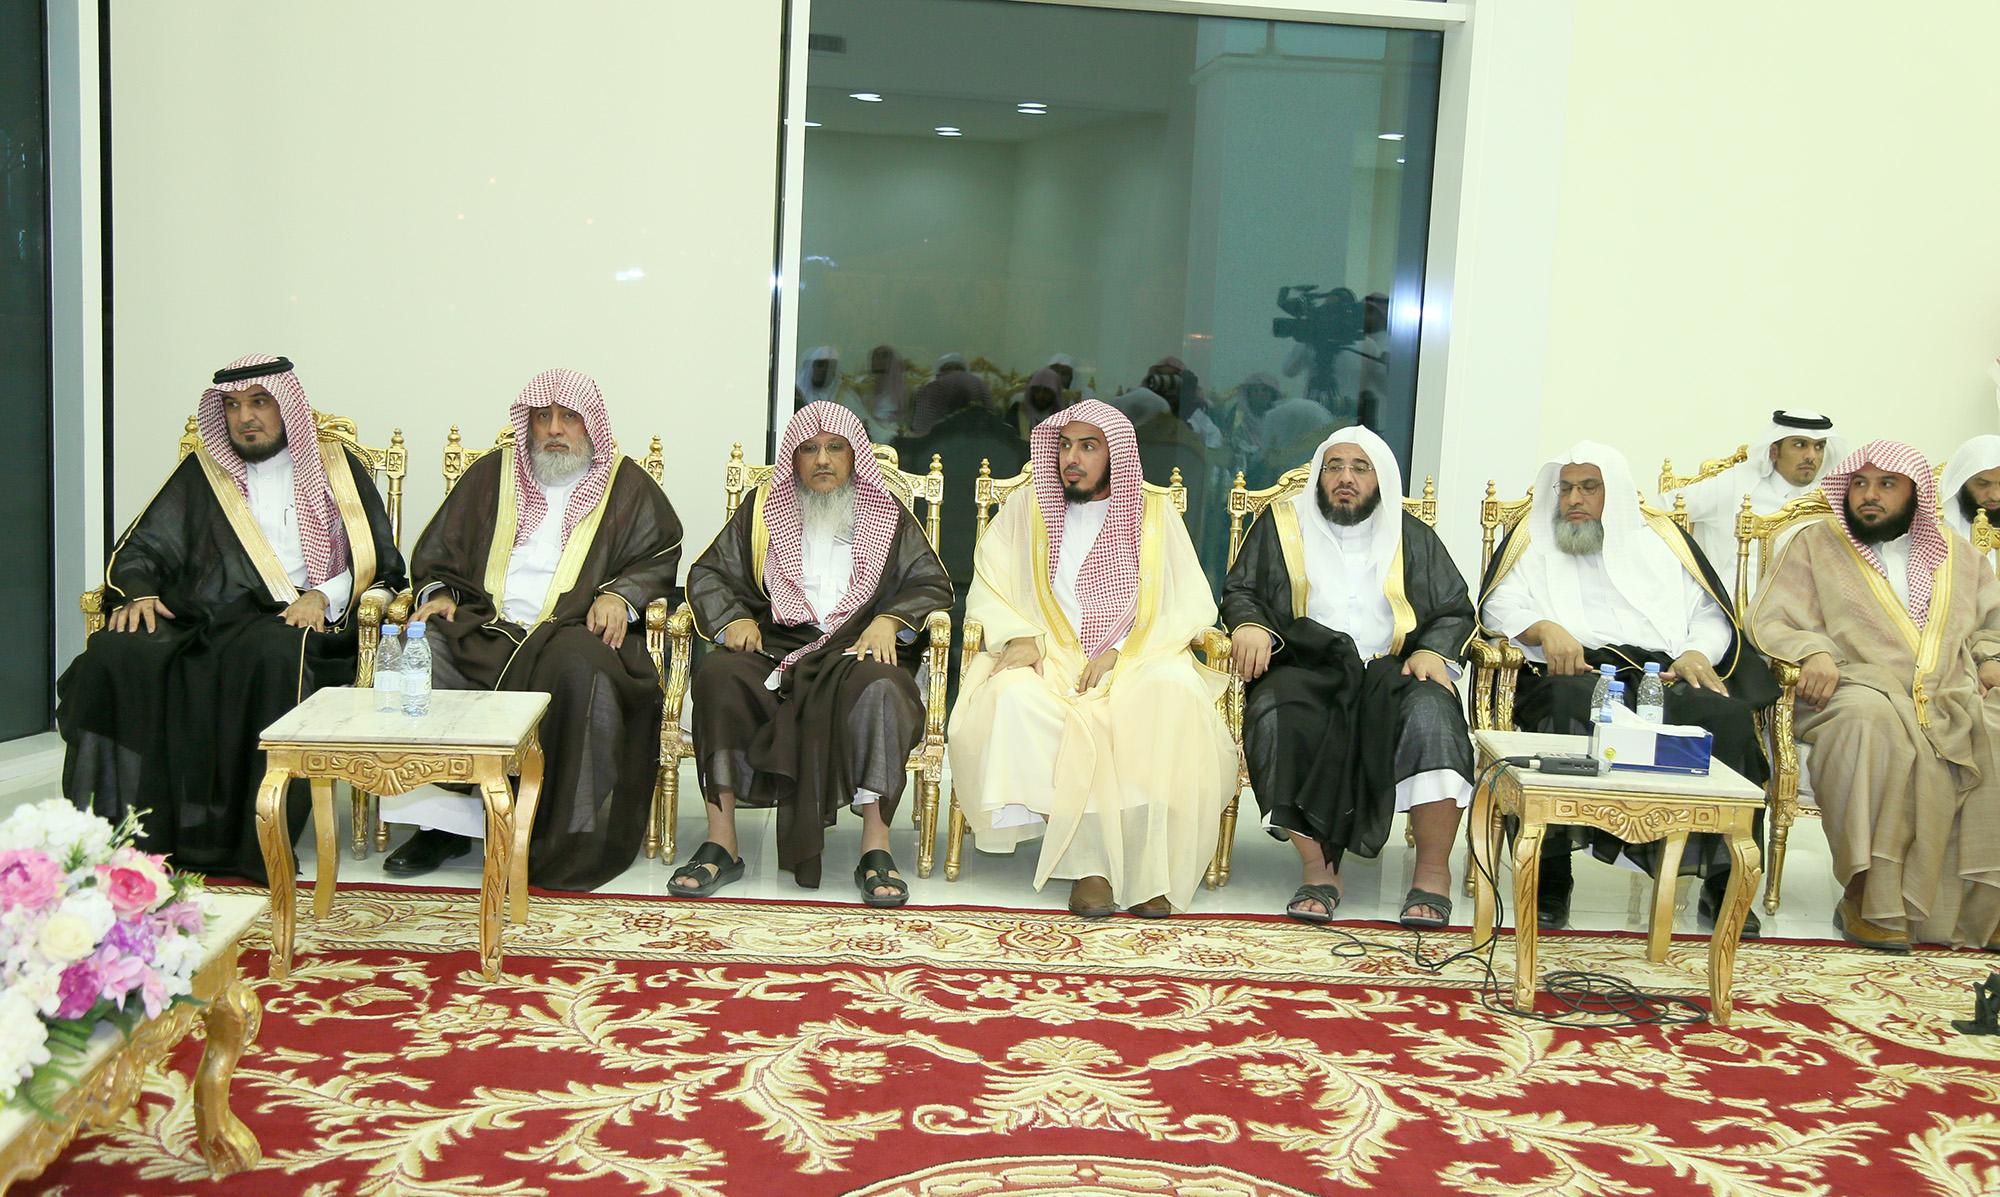 صور لقاء وزير الشؤون الإسلامية بالدعاة 2